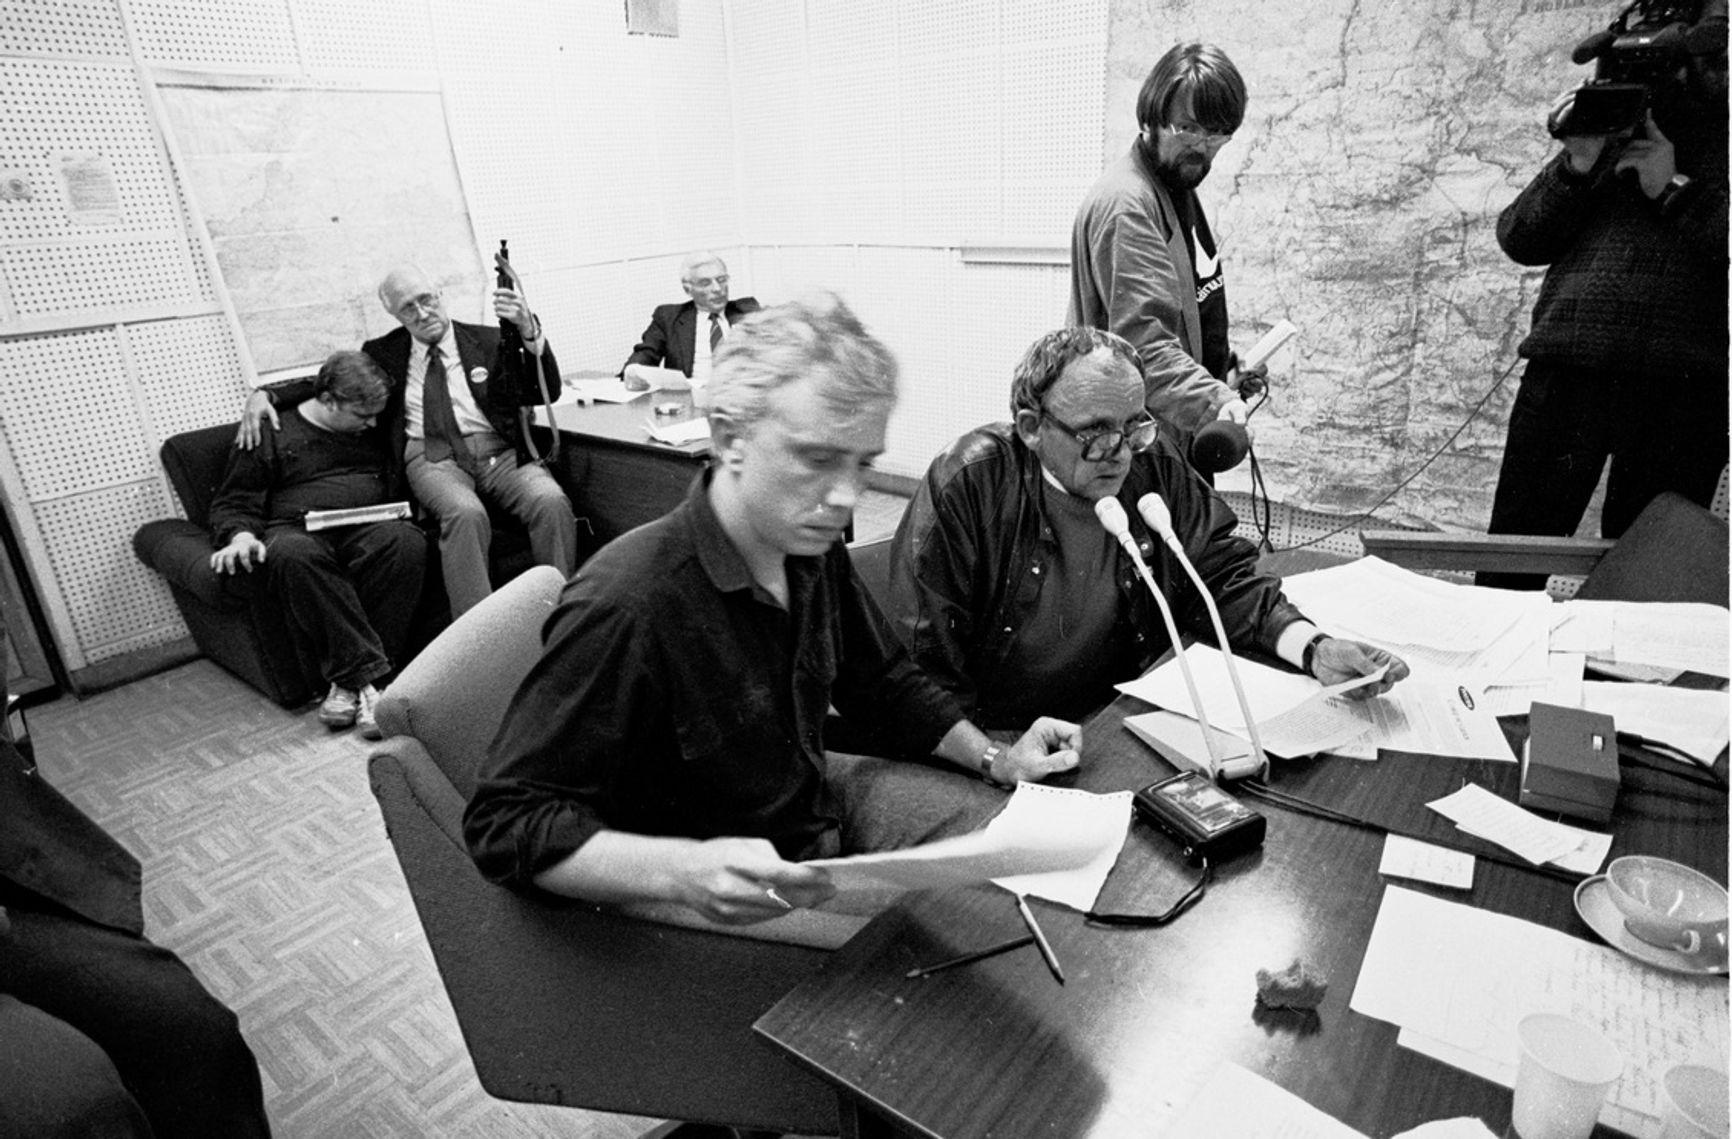 На первом плане - тележурналист Александр Политковский. На заднем плане с автоматом - Мстислав Ростропович с охранником Юрием Ивановым